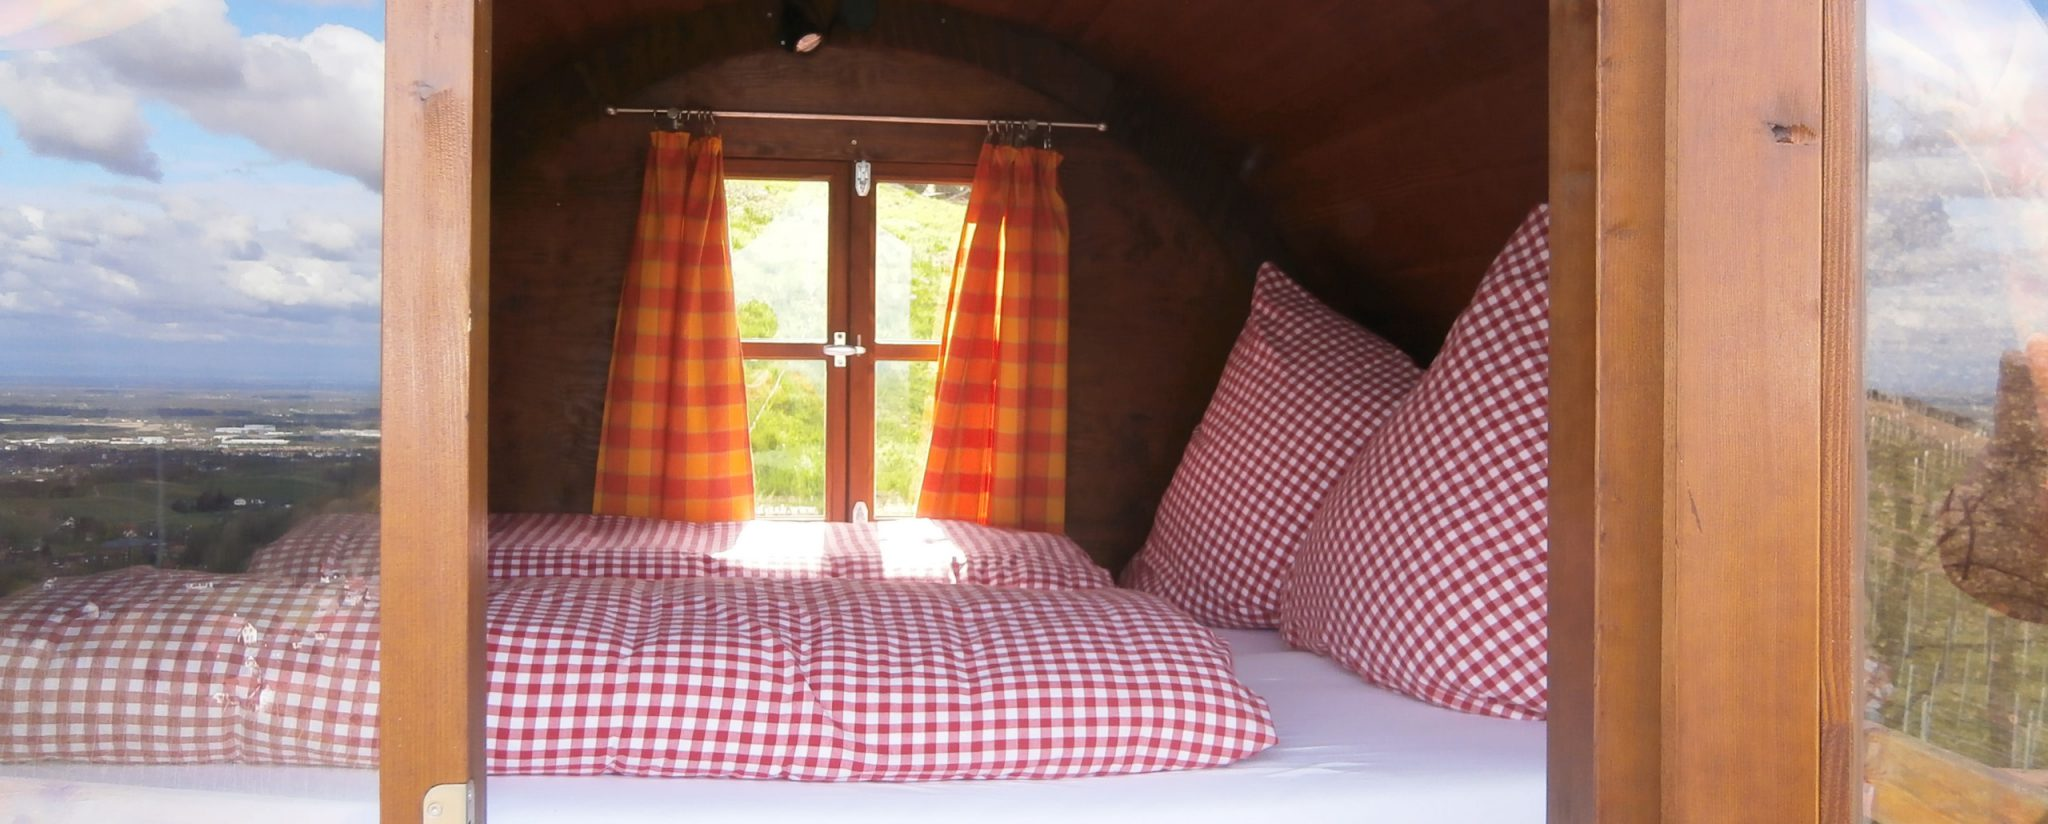 beautiful weinfass bernachtung sasbachwalden contemporary. Black Bedroom Furniture Sets. Home Design Ideas